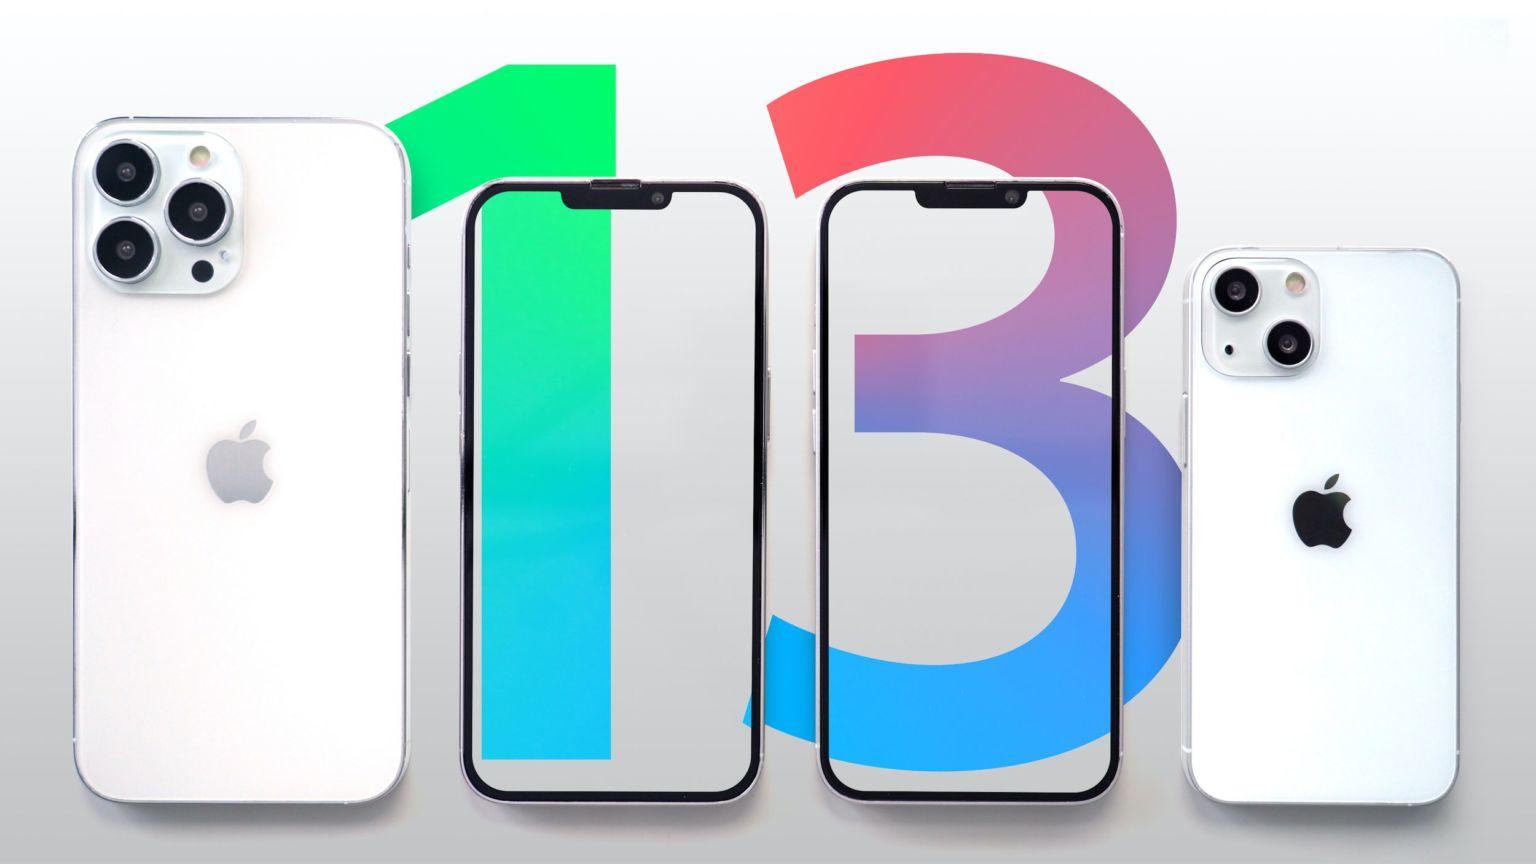 ফ্রীতে Mrwhosetheboss এর Iphone 13 Giveaway তে অংশগ্রহণ করেন এবং ফ্রীতে জিতে নিন আইফোন ১৩ বা এর সমমূল্যের টাকা